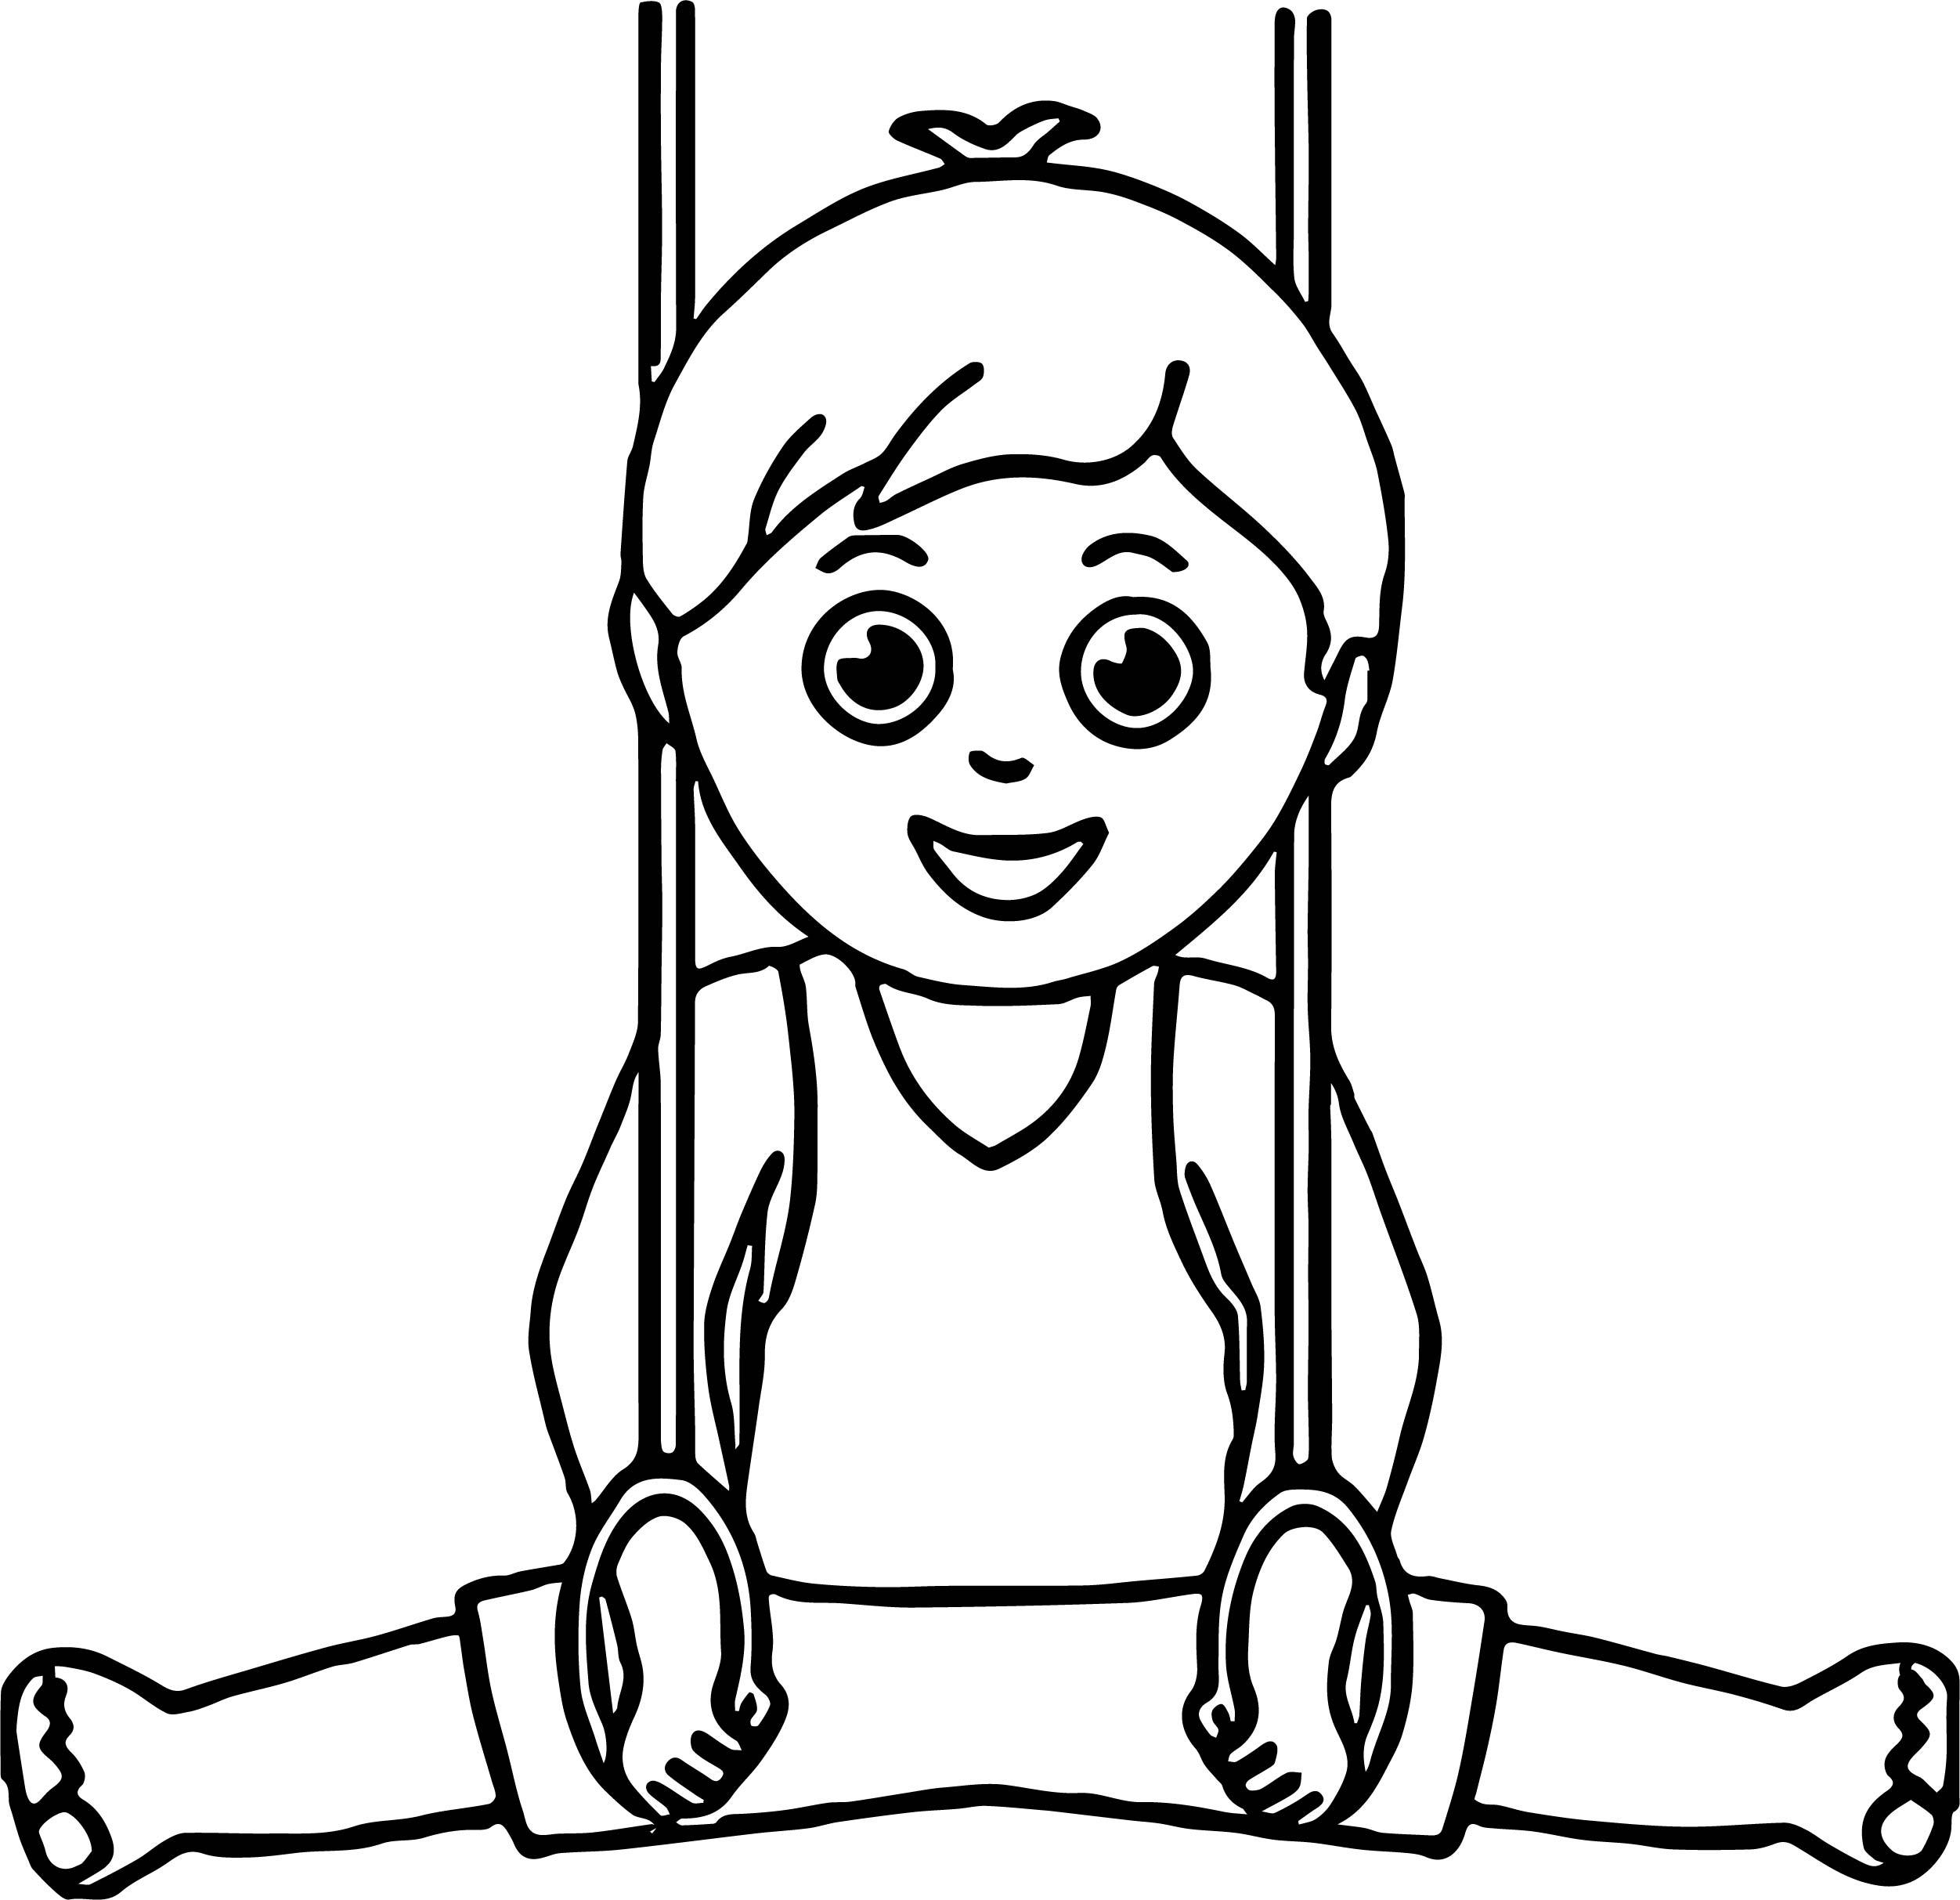 Use Boy Gymnastic Coloring Page